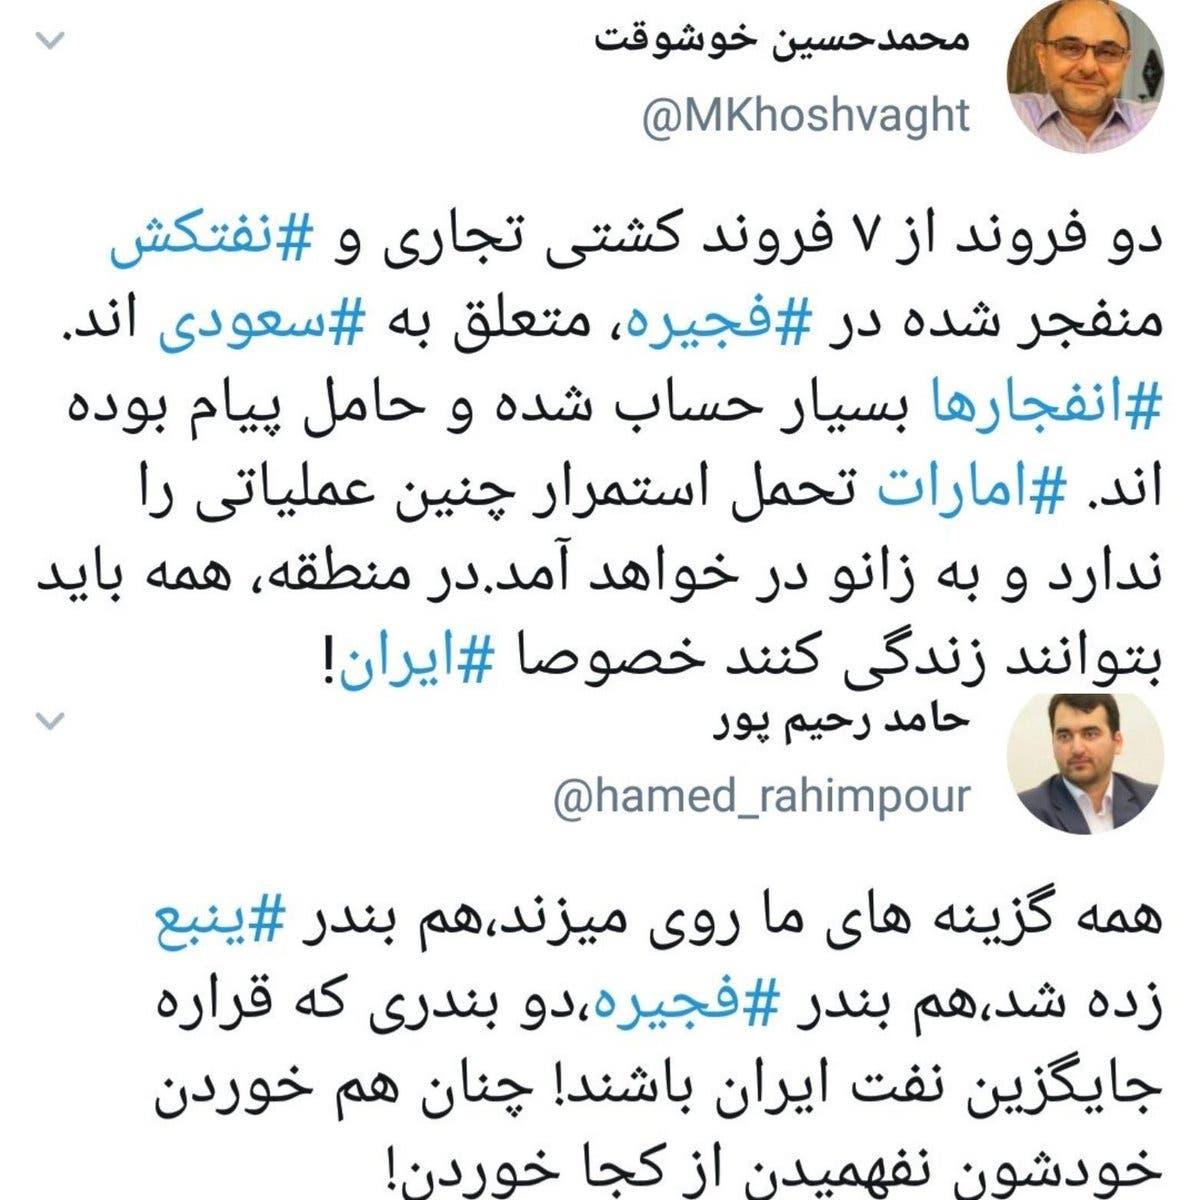 تغريدة محمد حسين خوشوقت